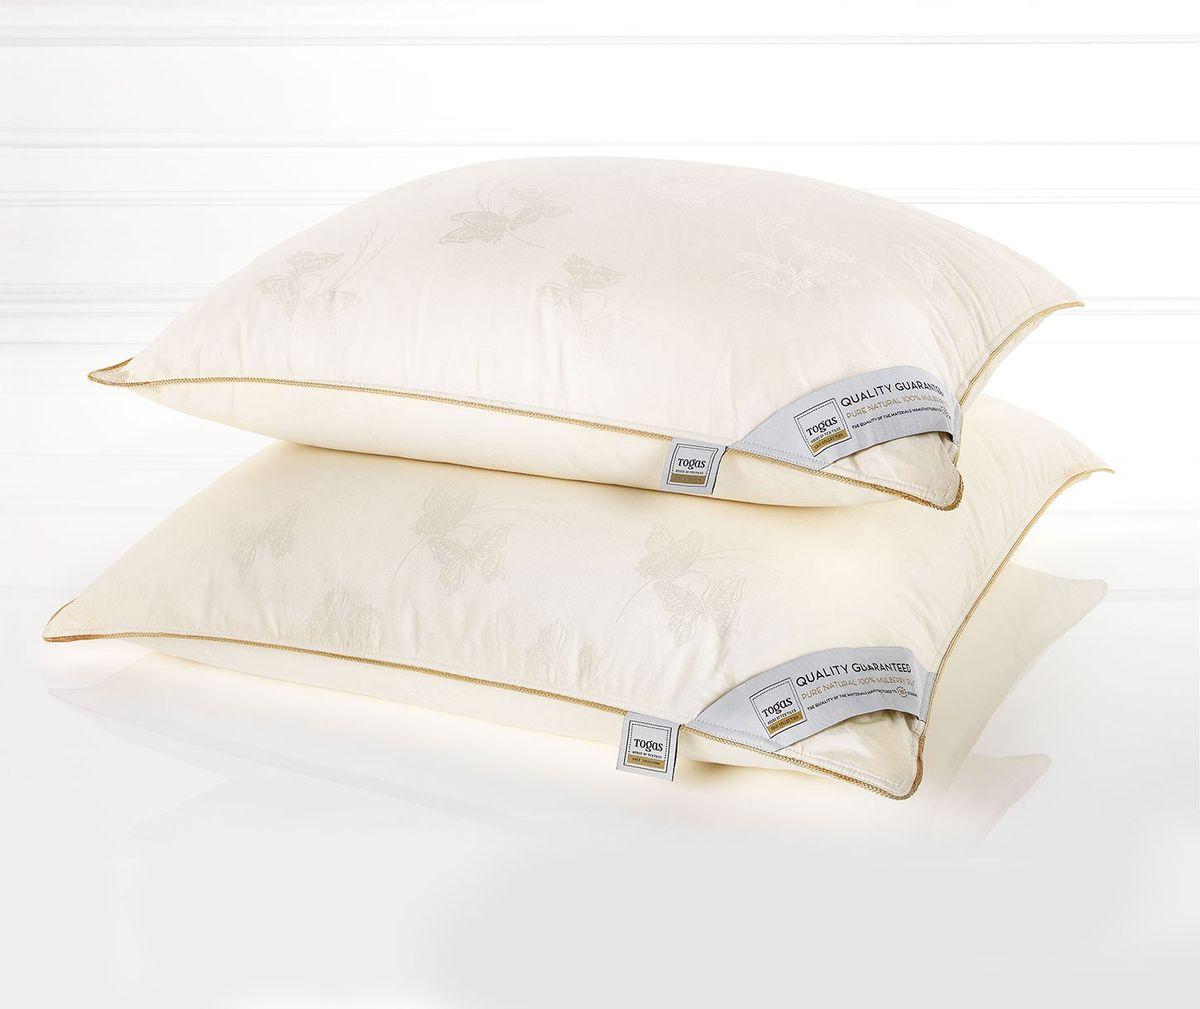 Подушка Togas Батерфляй, наполнитель: шелк, 50 х 70 см47.00Чехол подушки Togas Батерфляй выполнен из сатина (100% хлопок). Наполнитель одеяла состоит из 100% шелка. Роскошный сатин, из которого выполнен чехол, по праву считается «королем» хлопка. Изысканный глянец, позволяющий сравнить его с шелком, достигается благодаря особому переплетению волокон, придающему ткани шелковистую мягкость и прочность. Сатин оказывает расслабляющее и оздоравливающее воздействие, хорошо согревает тело и одновременно «дышит», прекрасно впитывает влагу, обладает высокими экологическими показателями и износостойкостью. Он прост в уходе и почти не мнется. Такой чехол, без сомнения, достоин своего драгоценного содержимого! Наполнитель из натурального шелка сорта Малбери отличается особой мягкостью и абсолютной невесомостью. Воплощение совершенного комфорта, оно согревает летом и охлаждает зимой, эффективно работает, пока вы отдыхаете. Все потому, что шелк - прекрасный натуральный терморегулятор. Он быстро поглощает тепло и ...